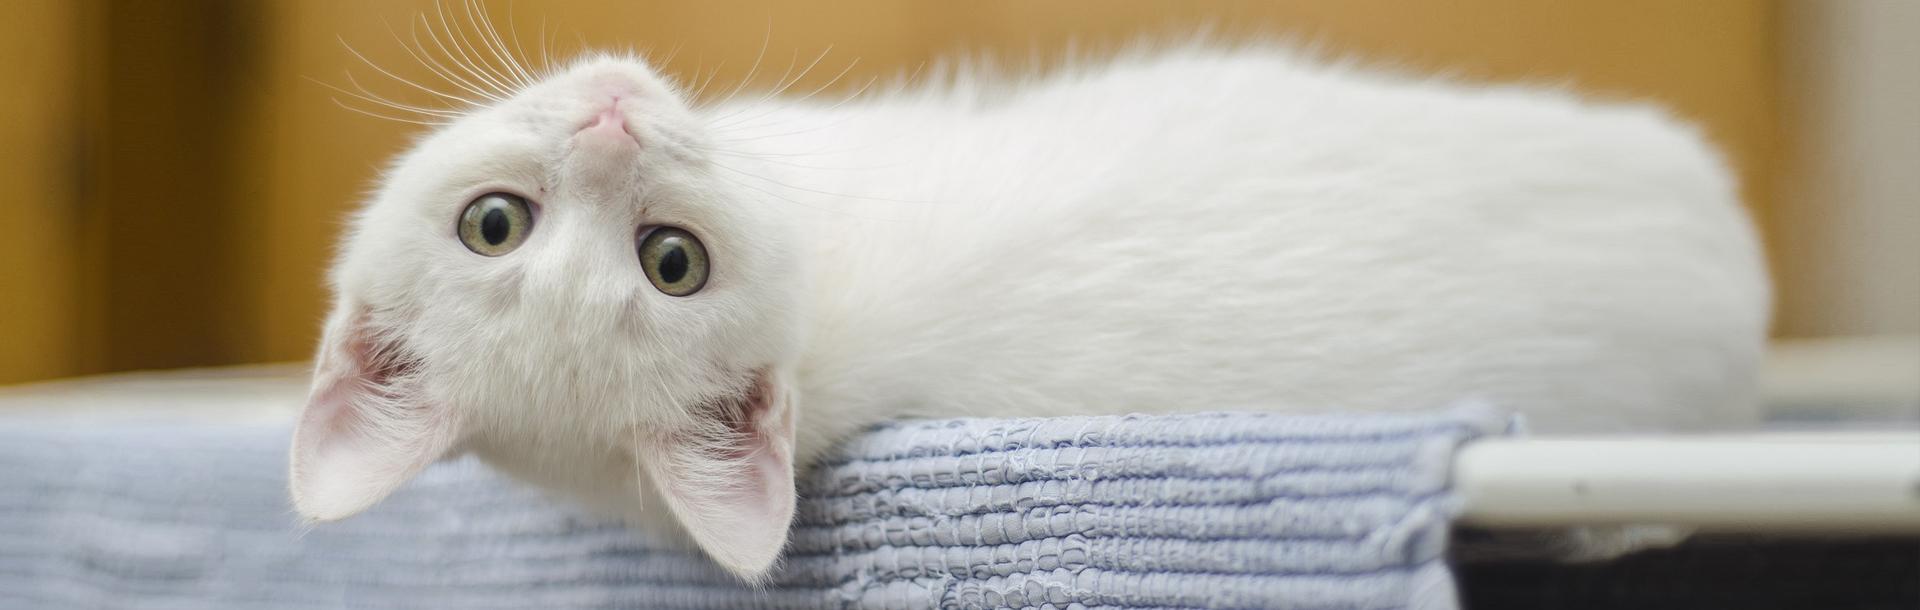 Arriva un gattino, Schesir